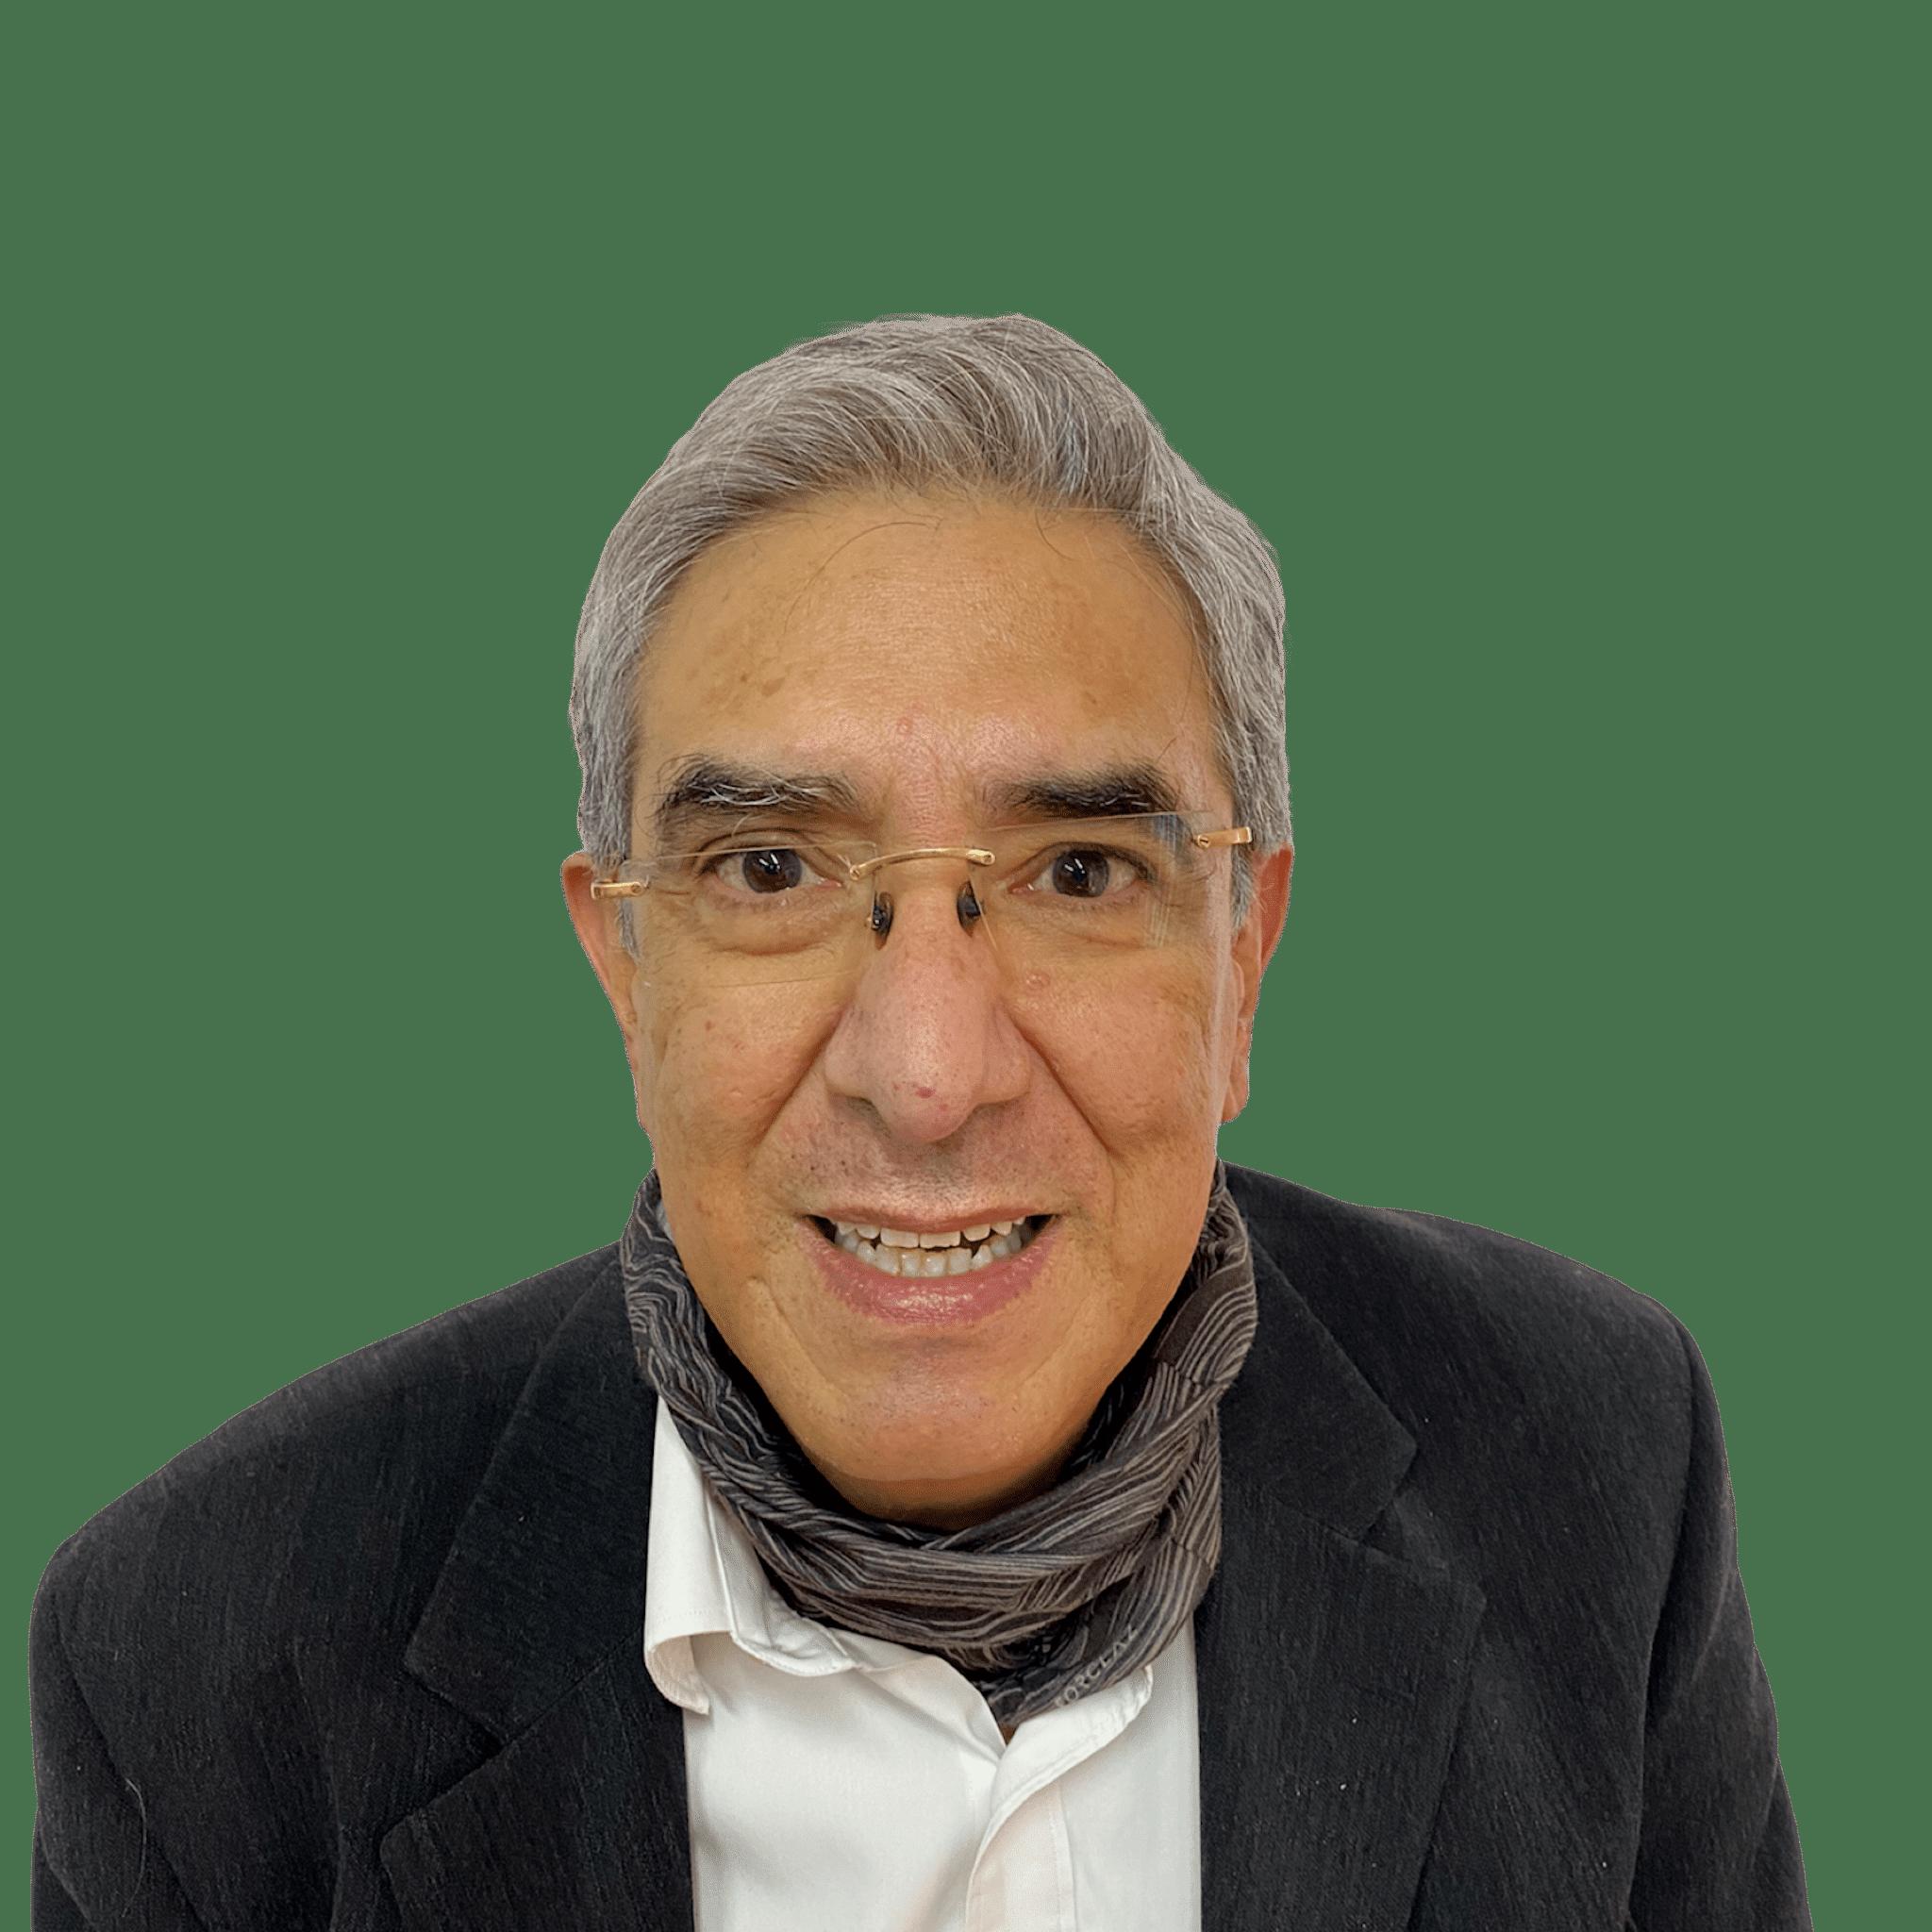 Francisco Santiago